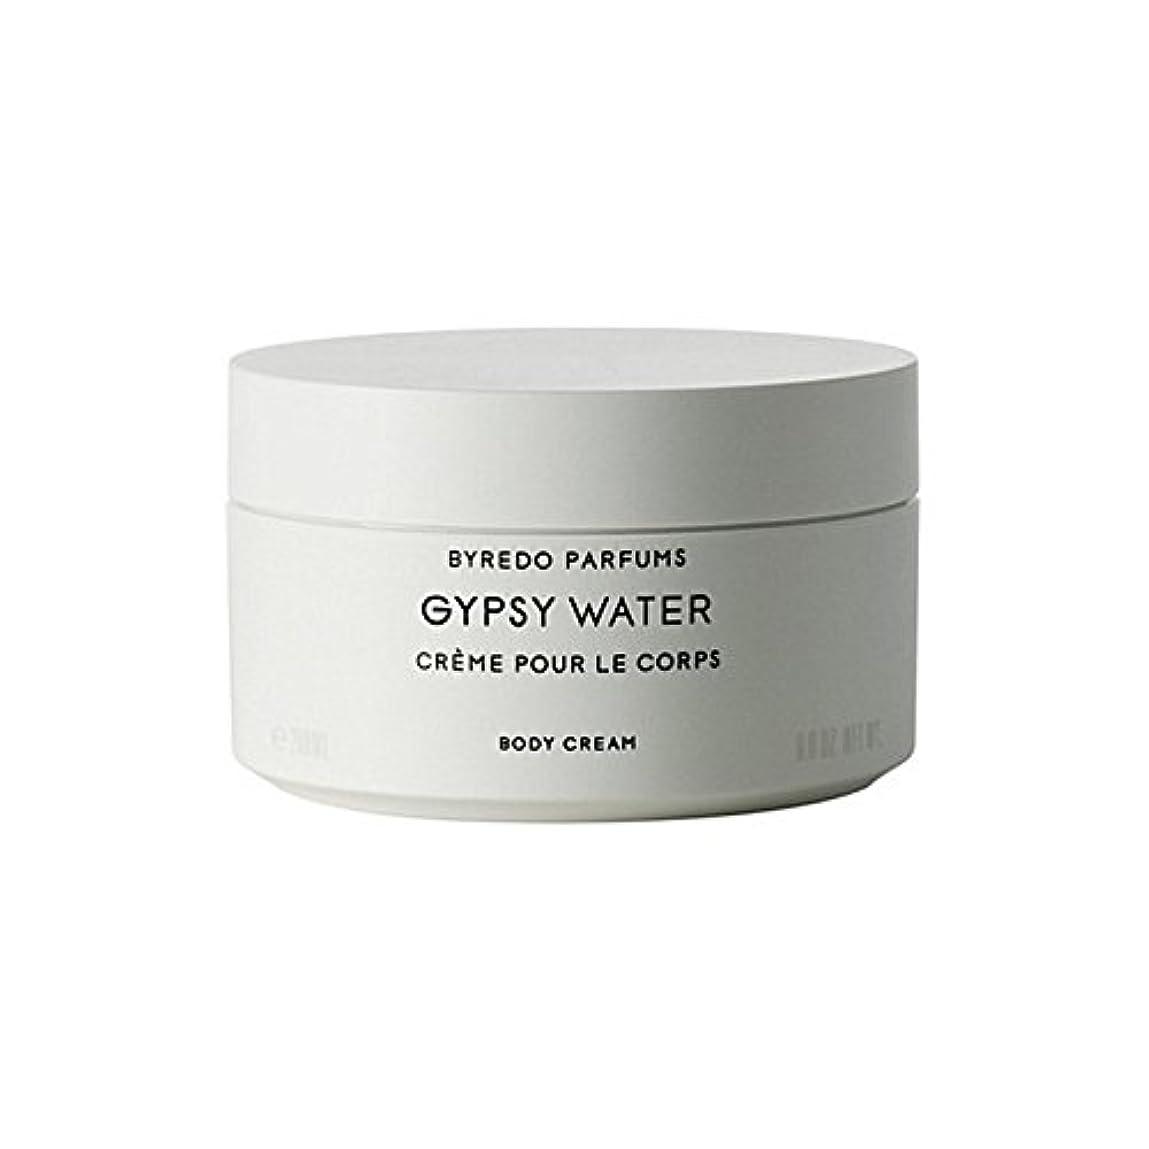 電池子供時代かんがいジプシー水ボディクリーム200ミリリットル x4 - Byredo Gypsy Water Body Cream 200ml (Pack of 4) [並行輸入品]